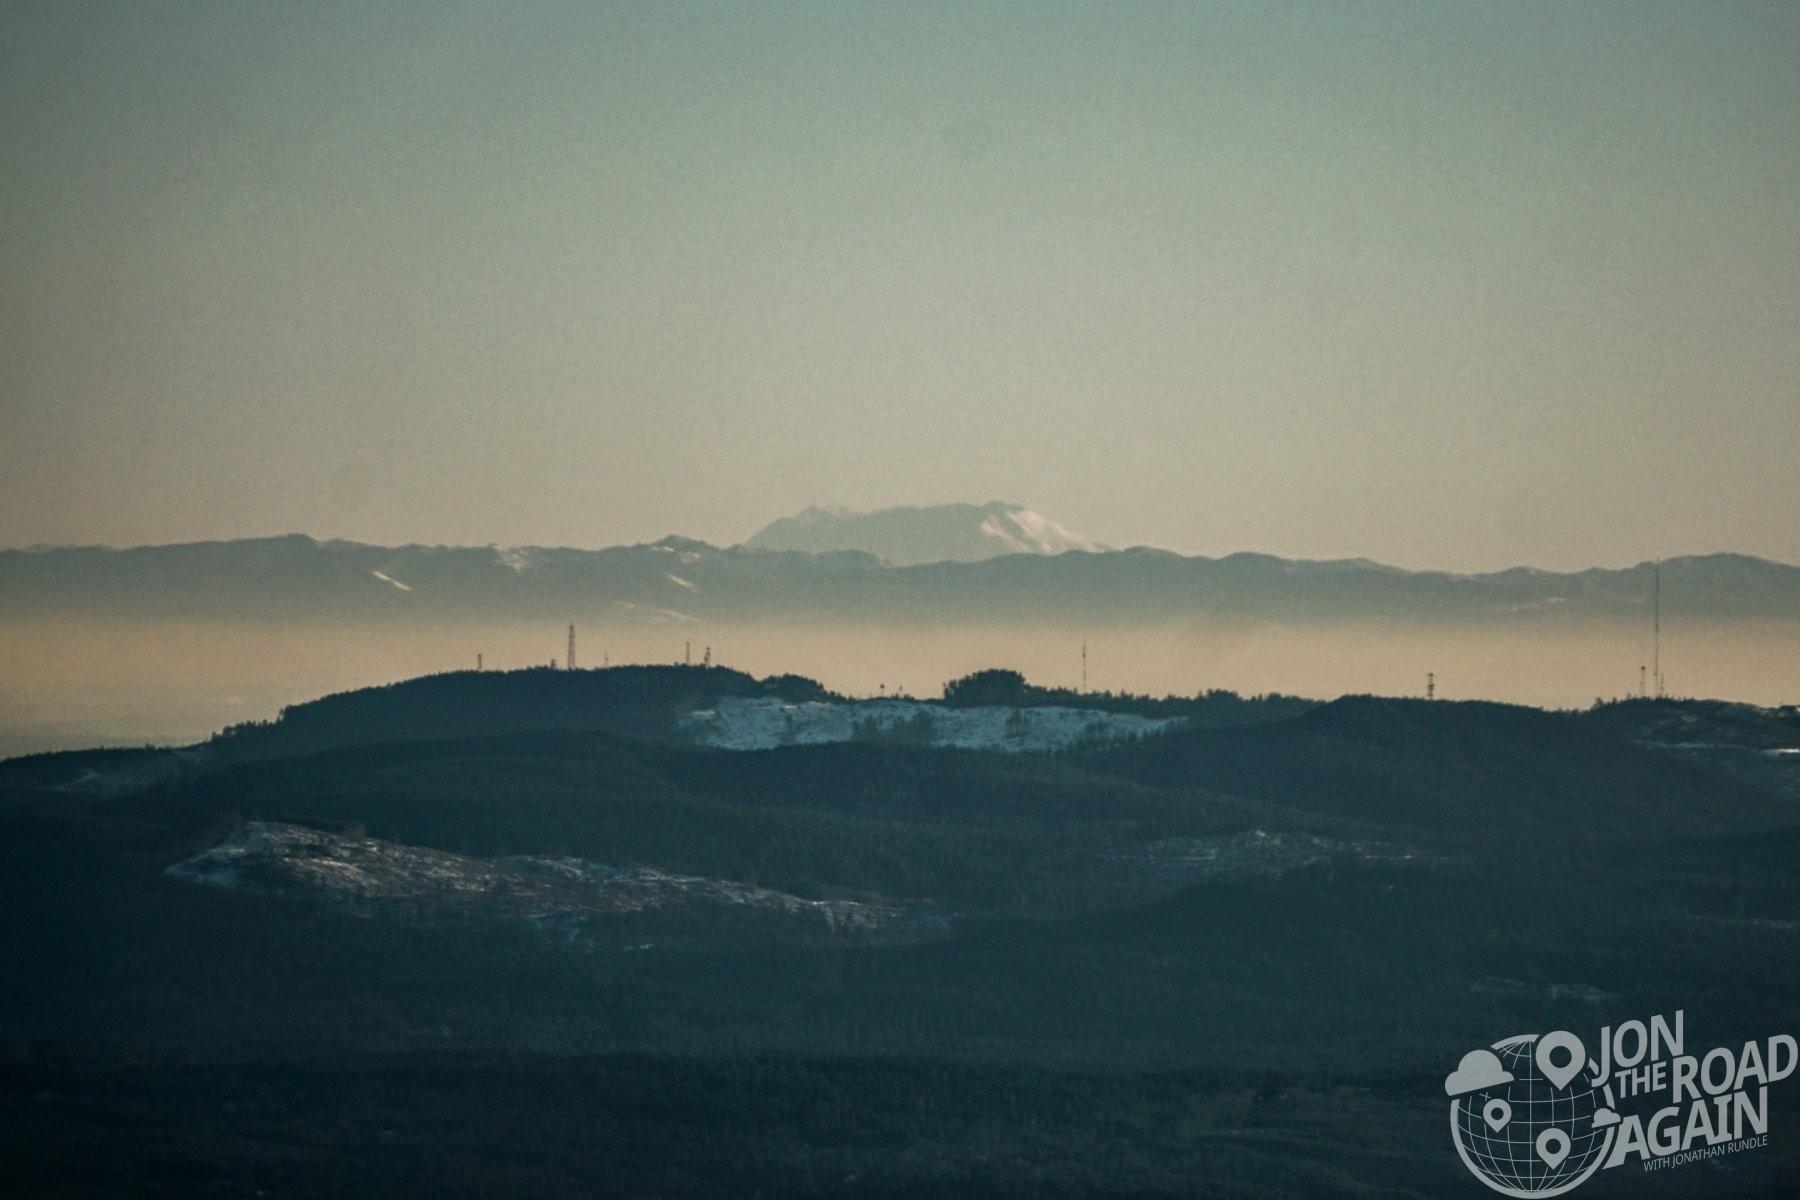 Mount St. Helens from Mount Walker